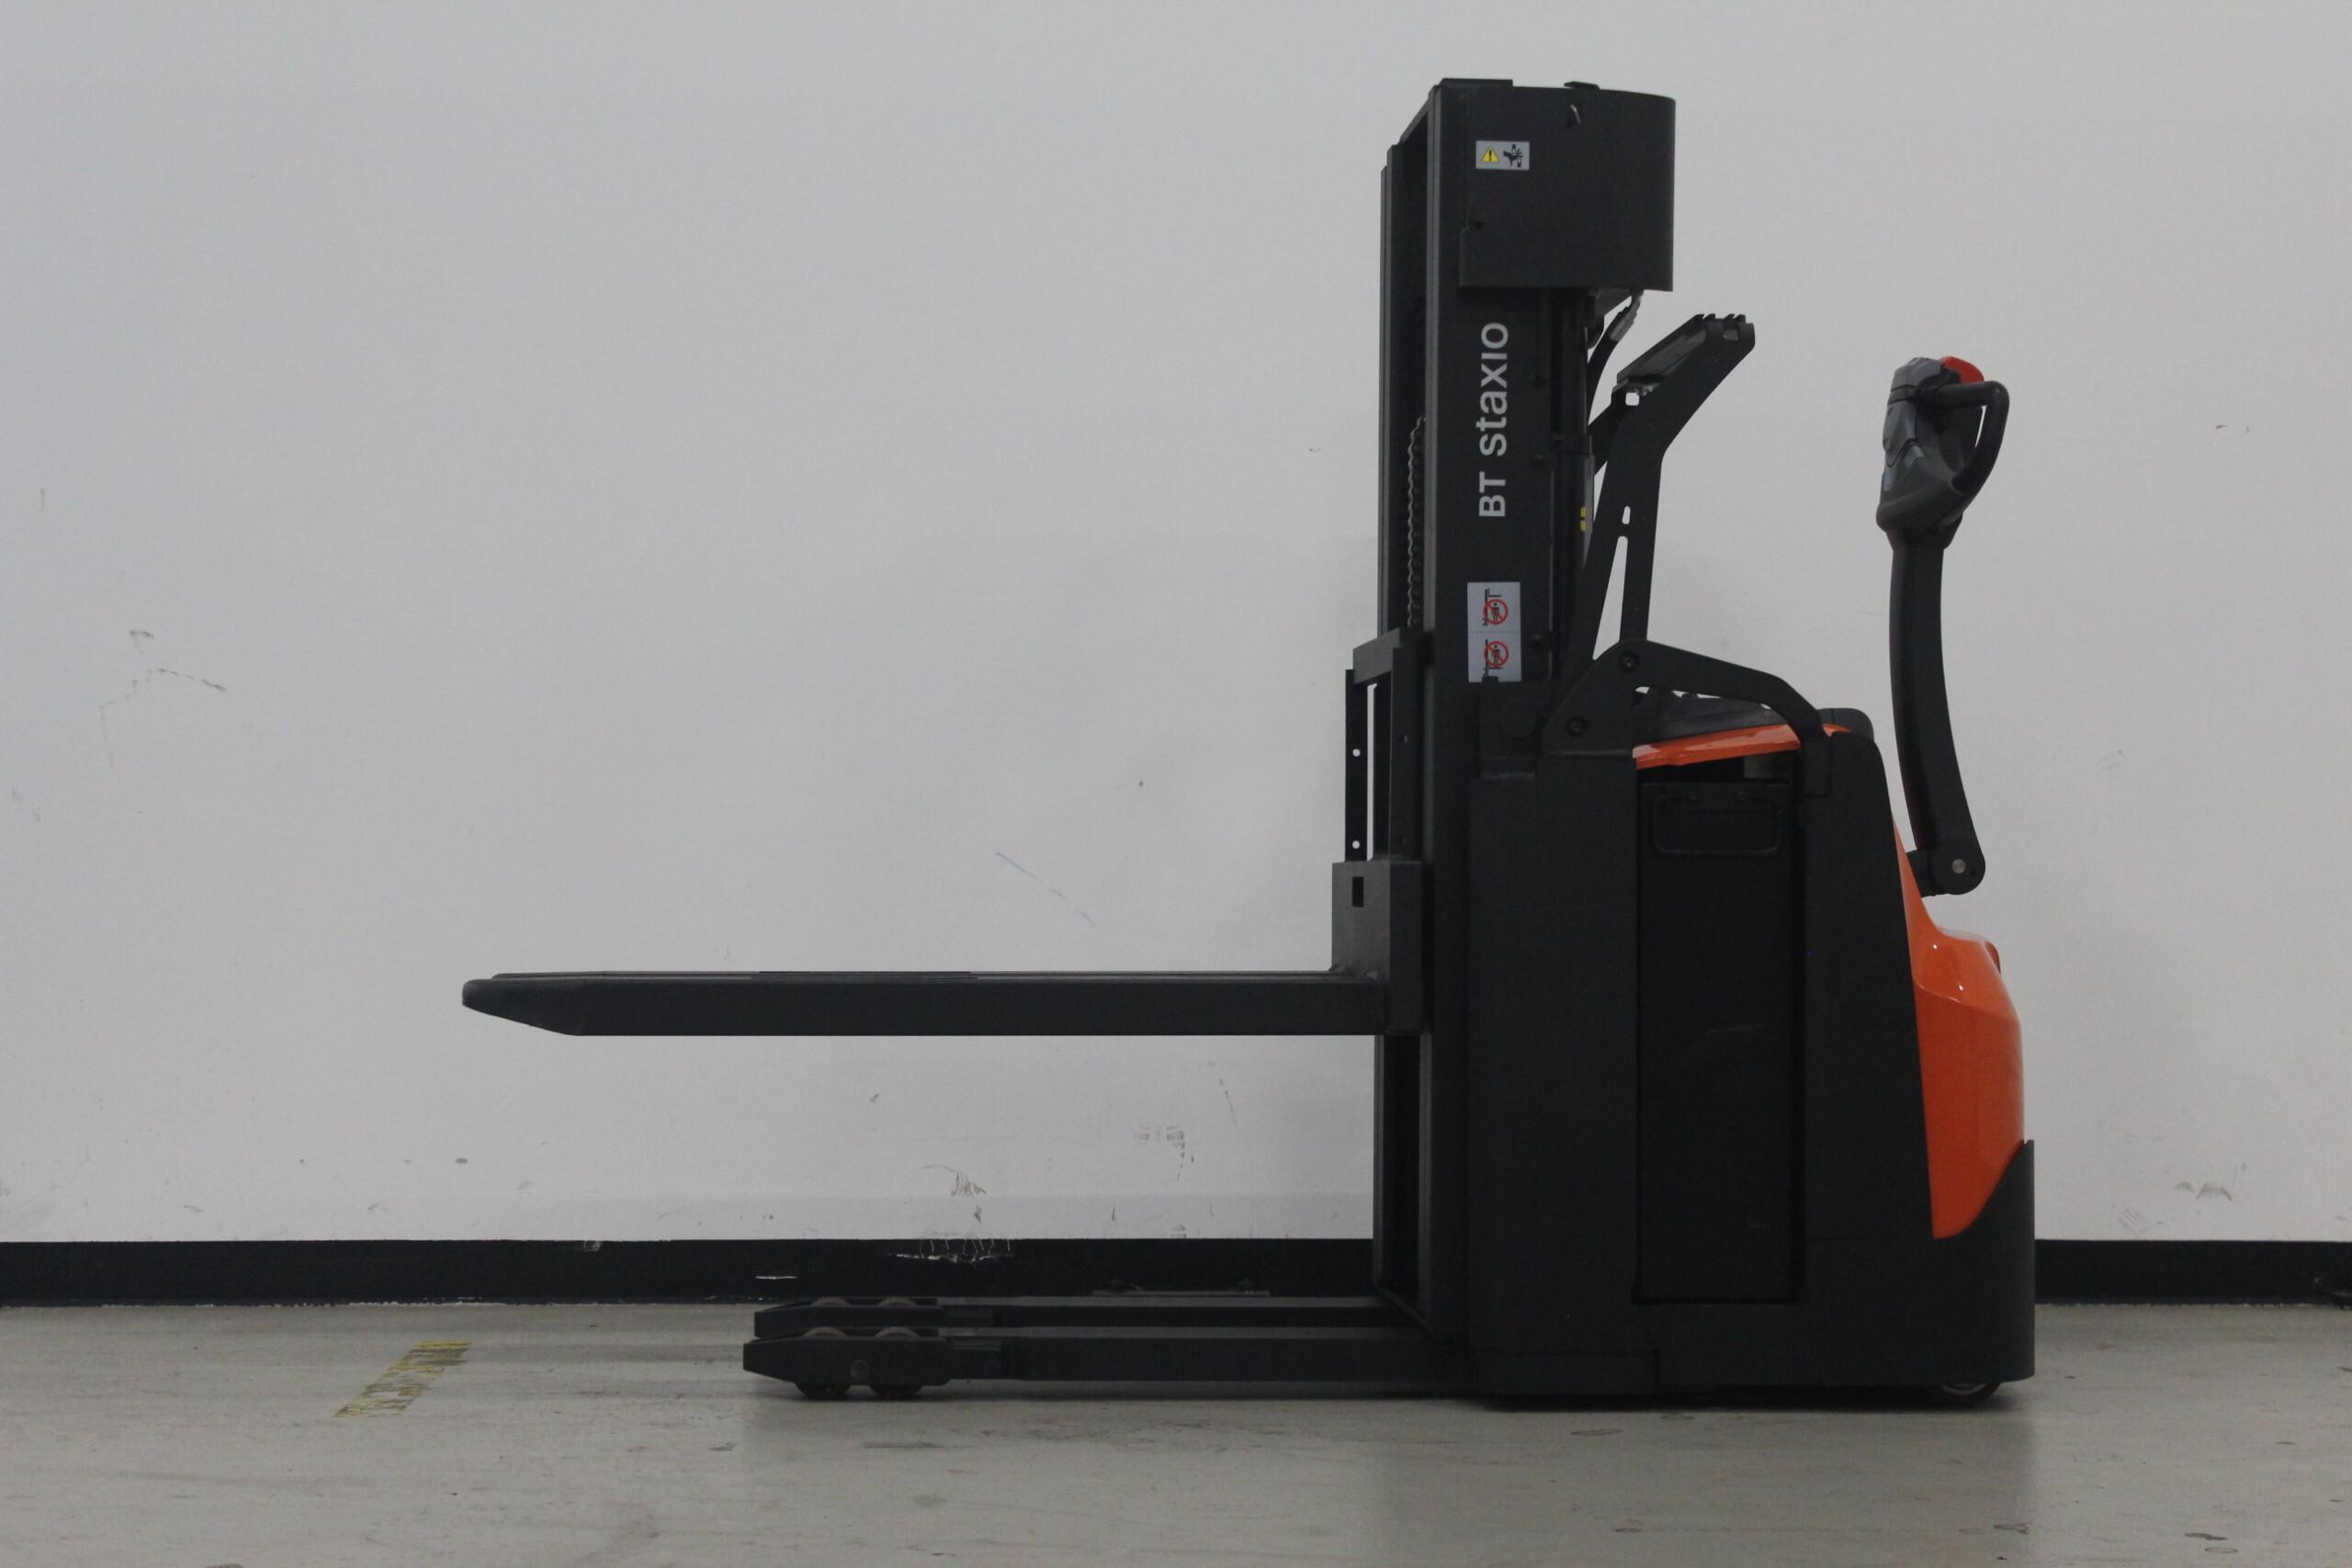 Toyota-Gabelstapler-59840 1606014481 1 34 scaled